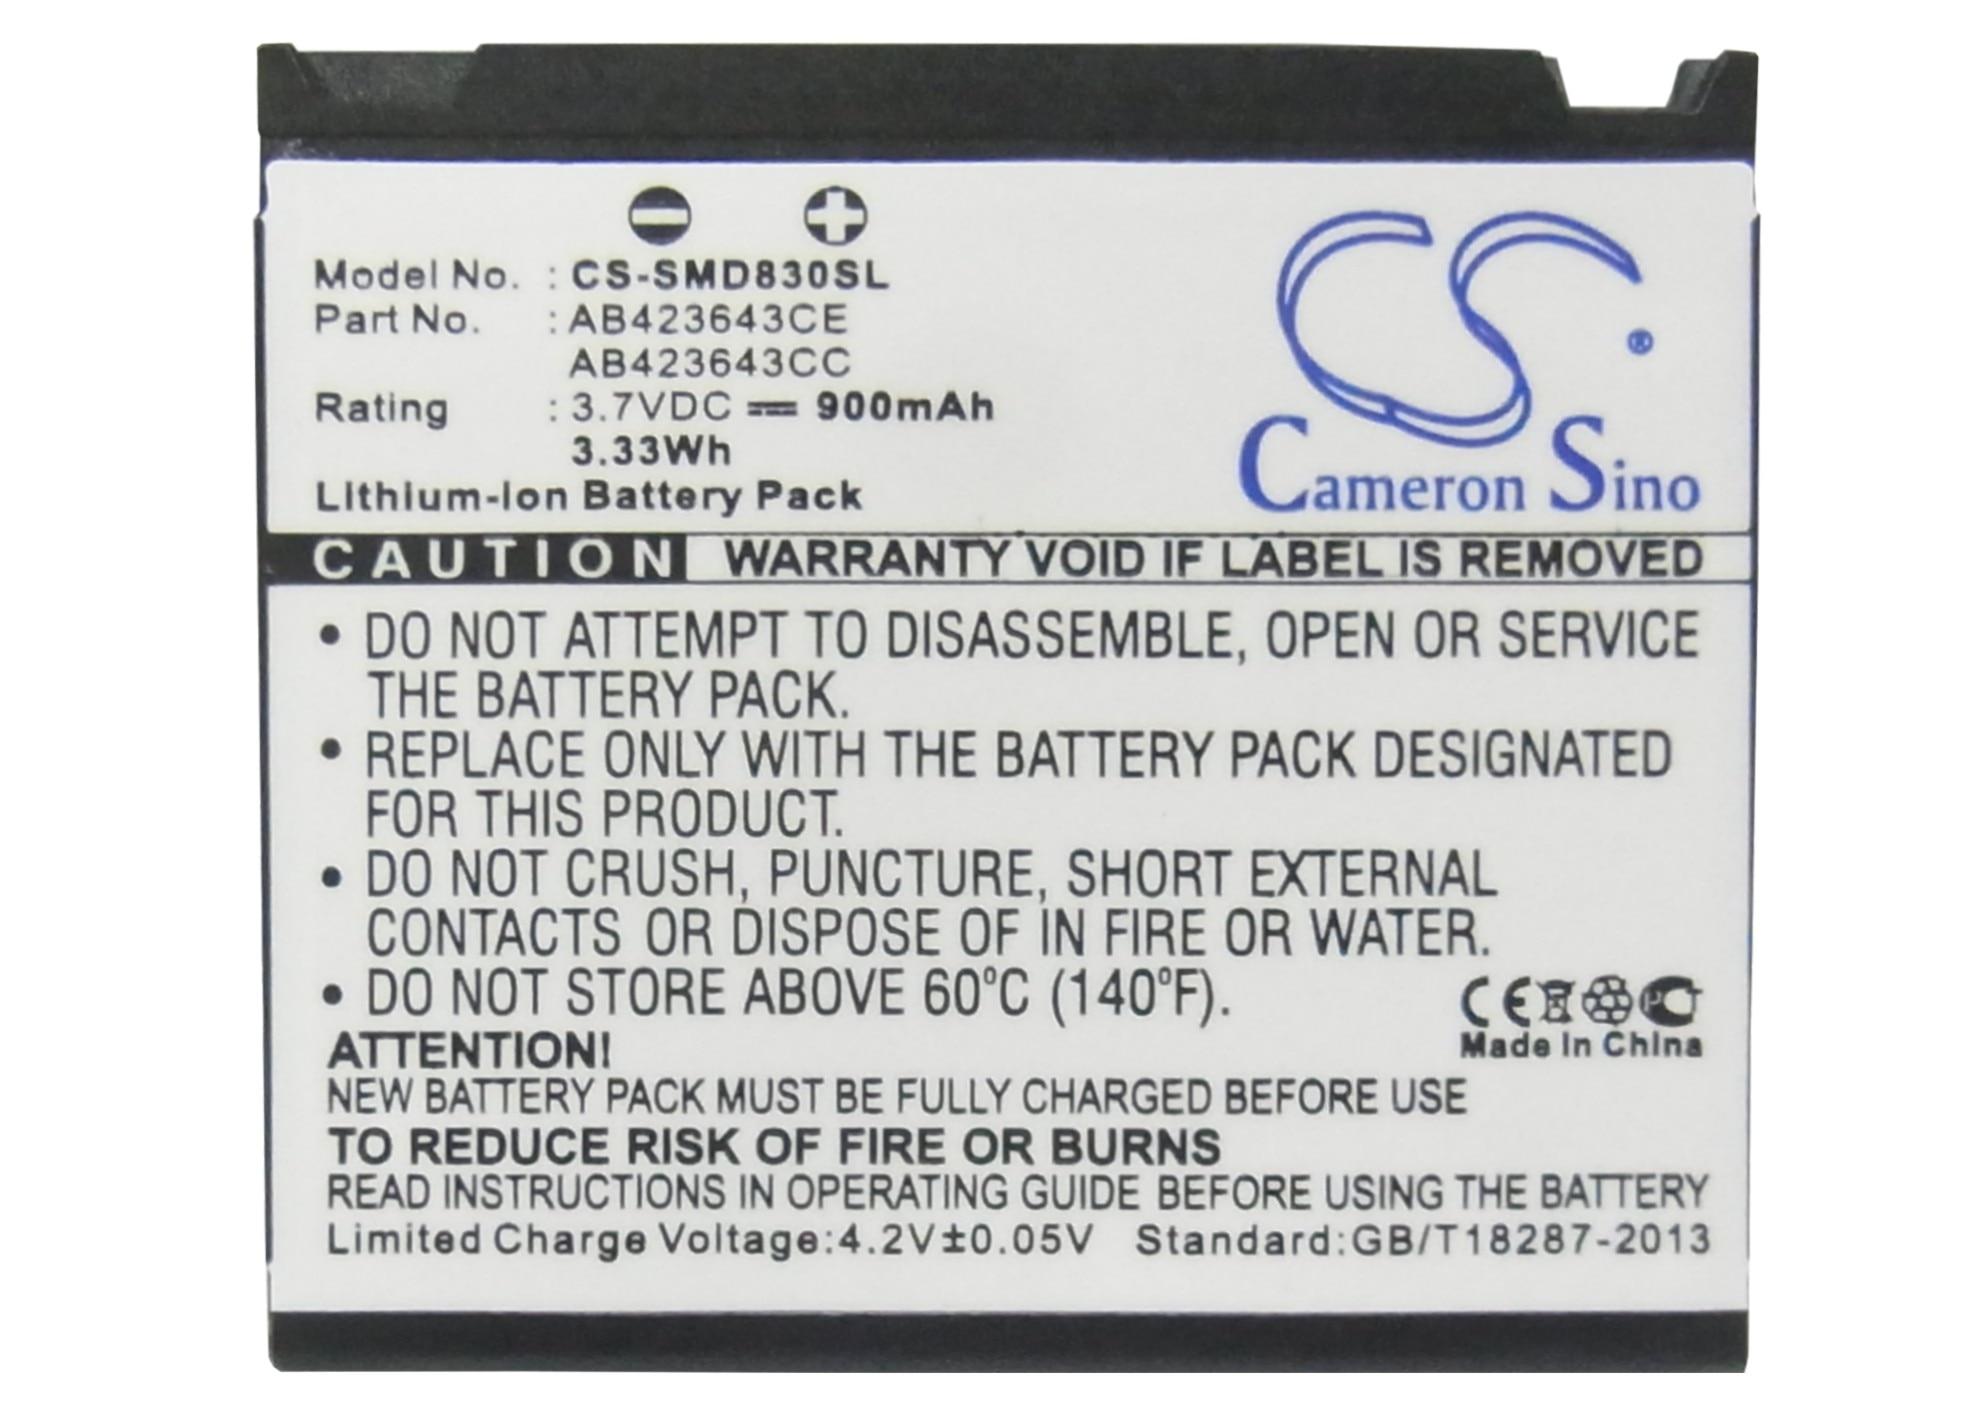 Cameron Sino 900 mAh Batterie SCBAB1, AB423643CE pour Samsung D830, D838, E848, U608, X820, X828, Pour SoftBank 705SC, 707SC, 709SC, 920SC